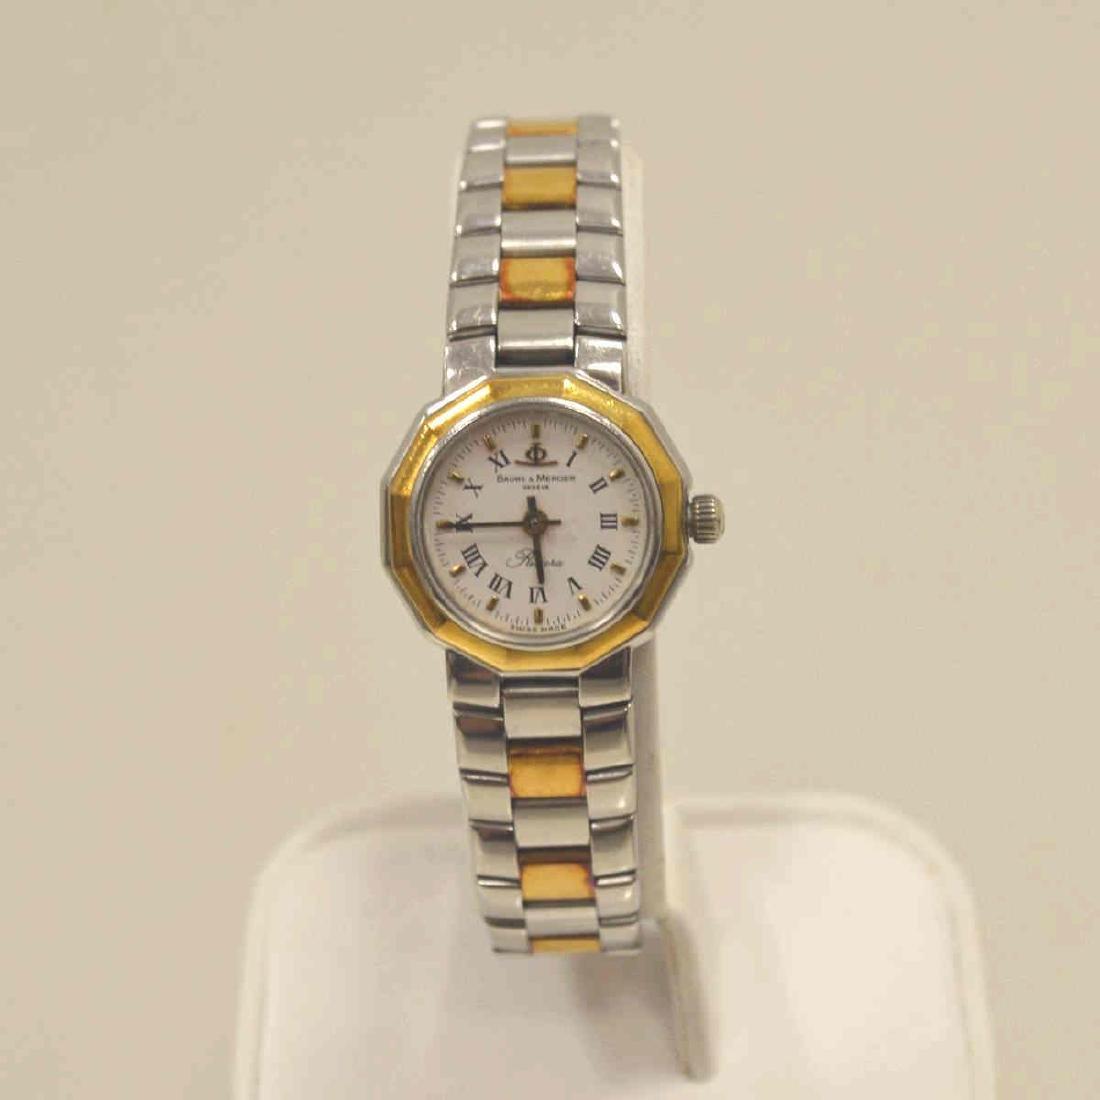 Ladies Two Tone Baume & Mercier Watch